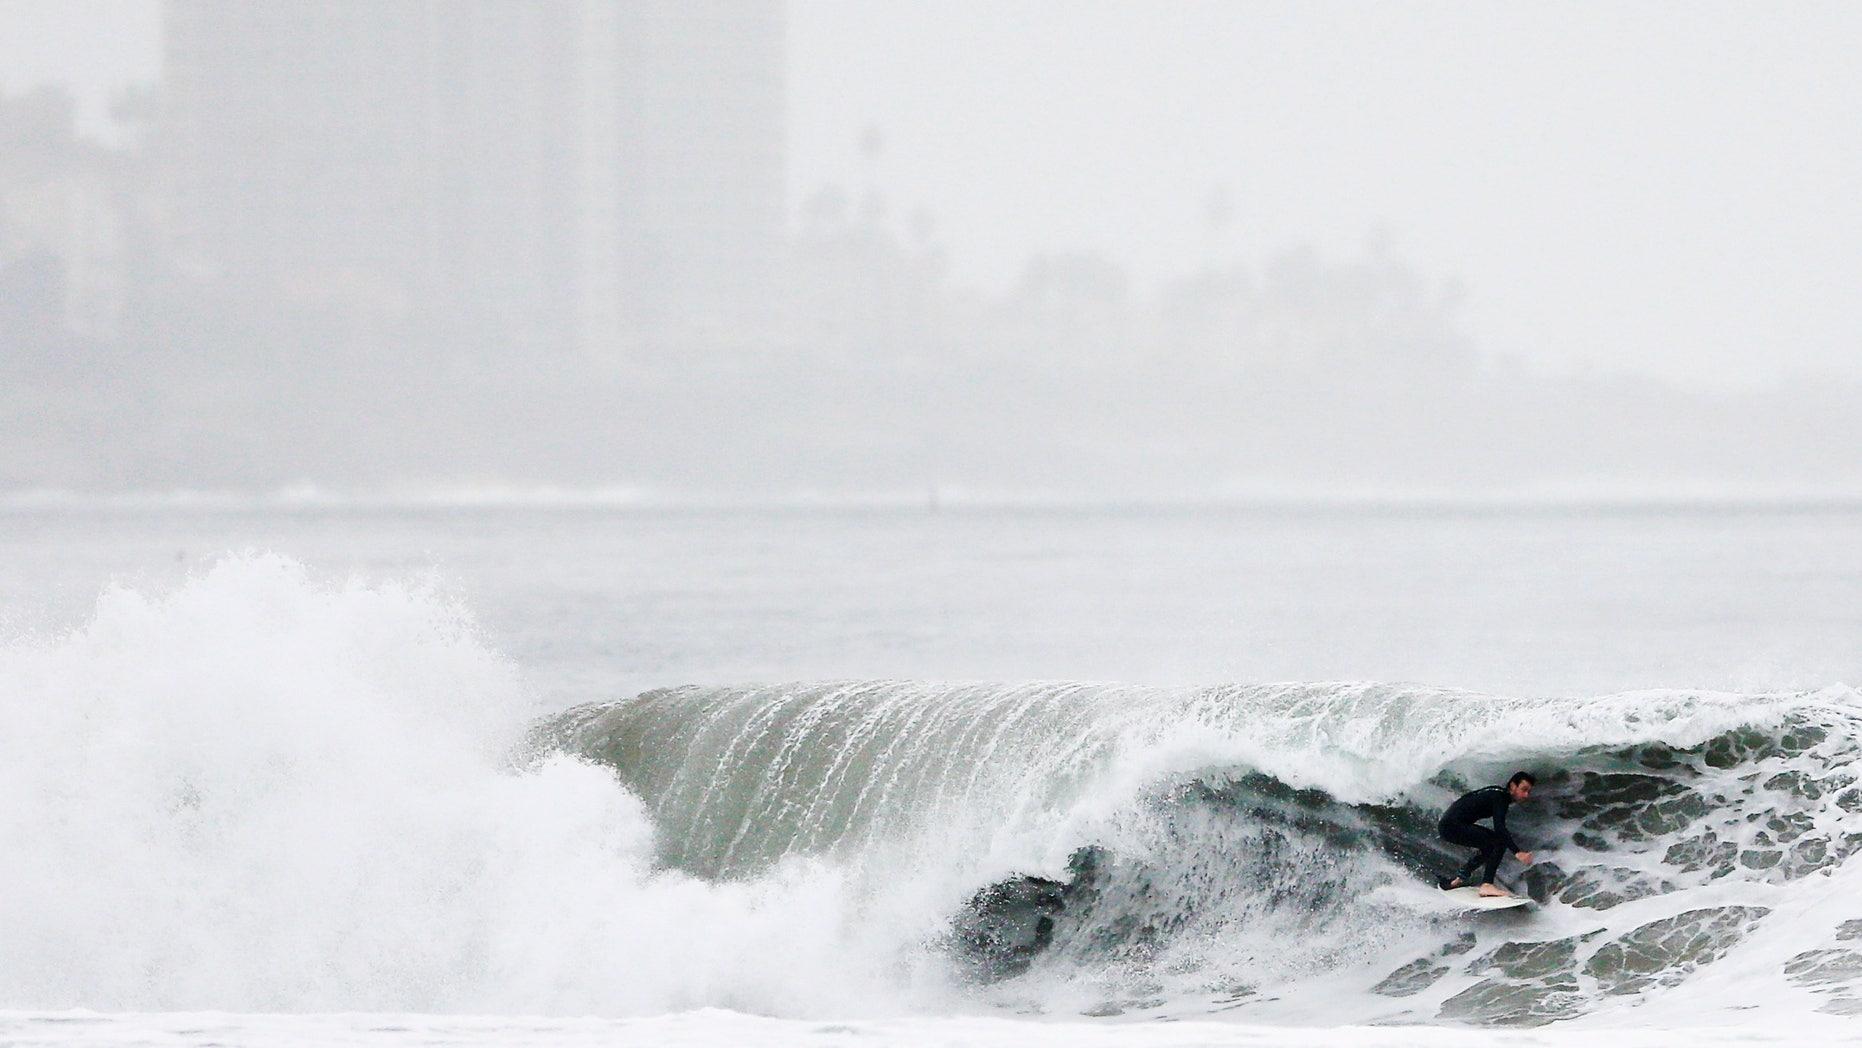 Dec. 16, 2014: A surfer rides a wave at Blacks Beach